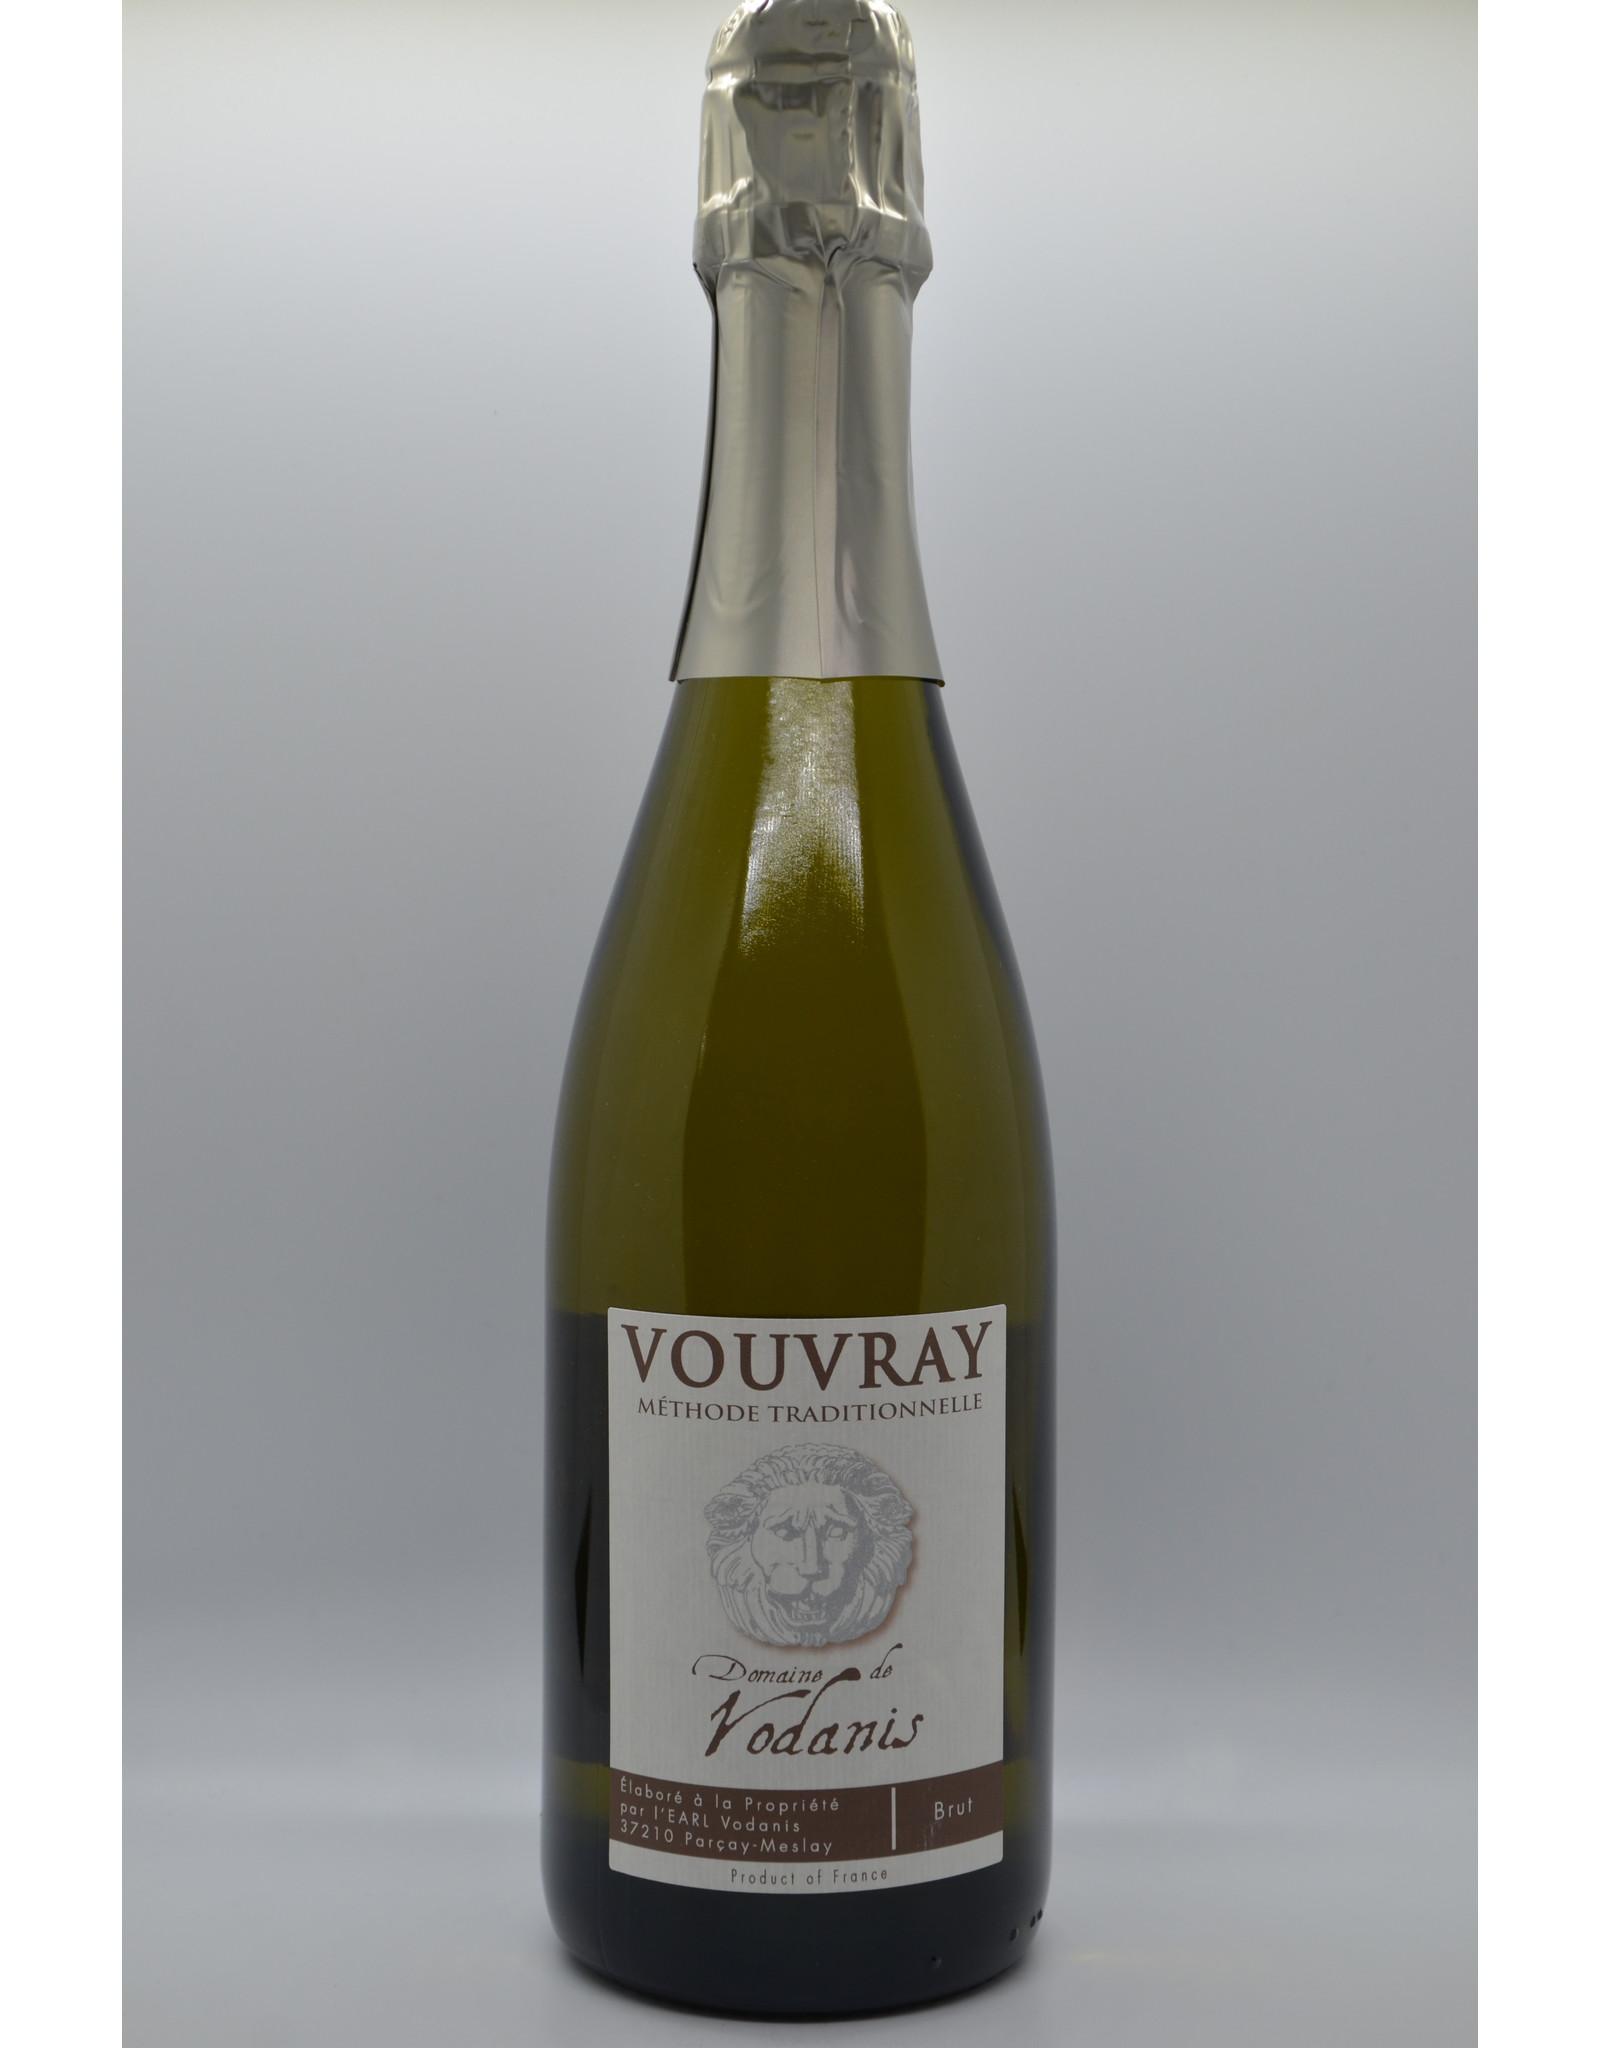 France Domaine de Vodanis Vouvray Brut